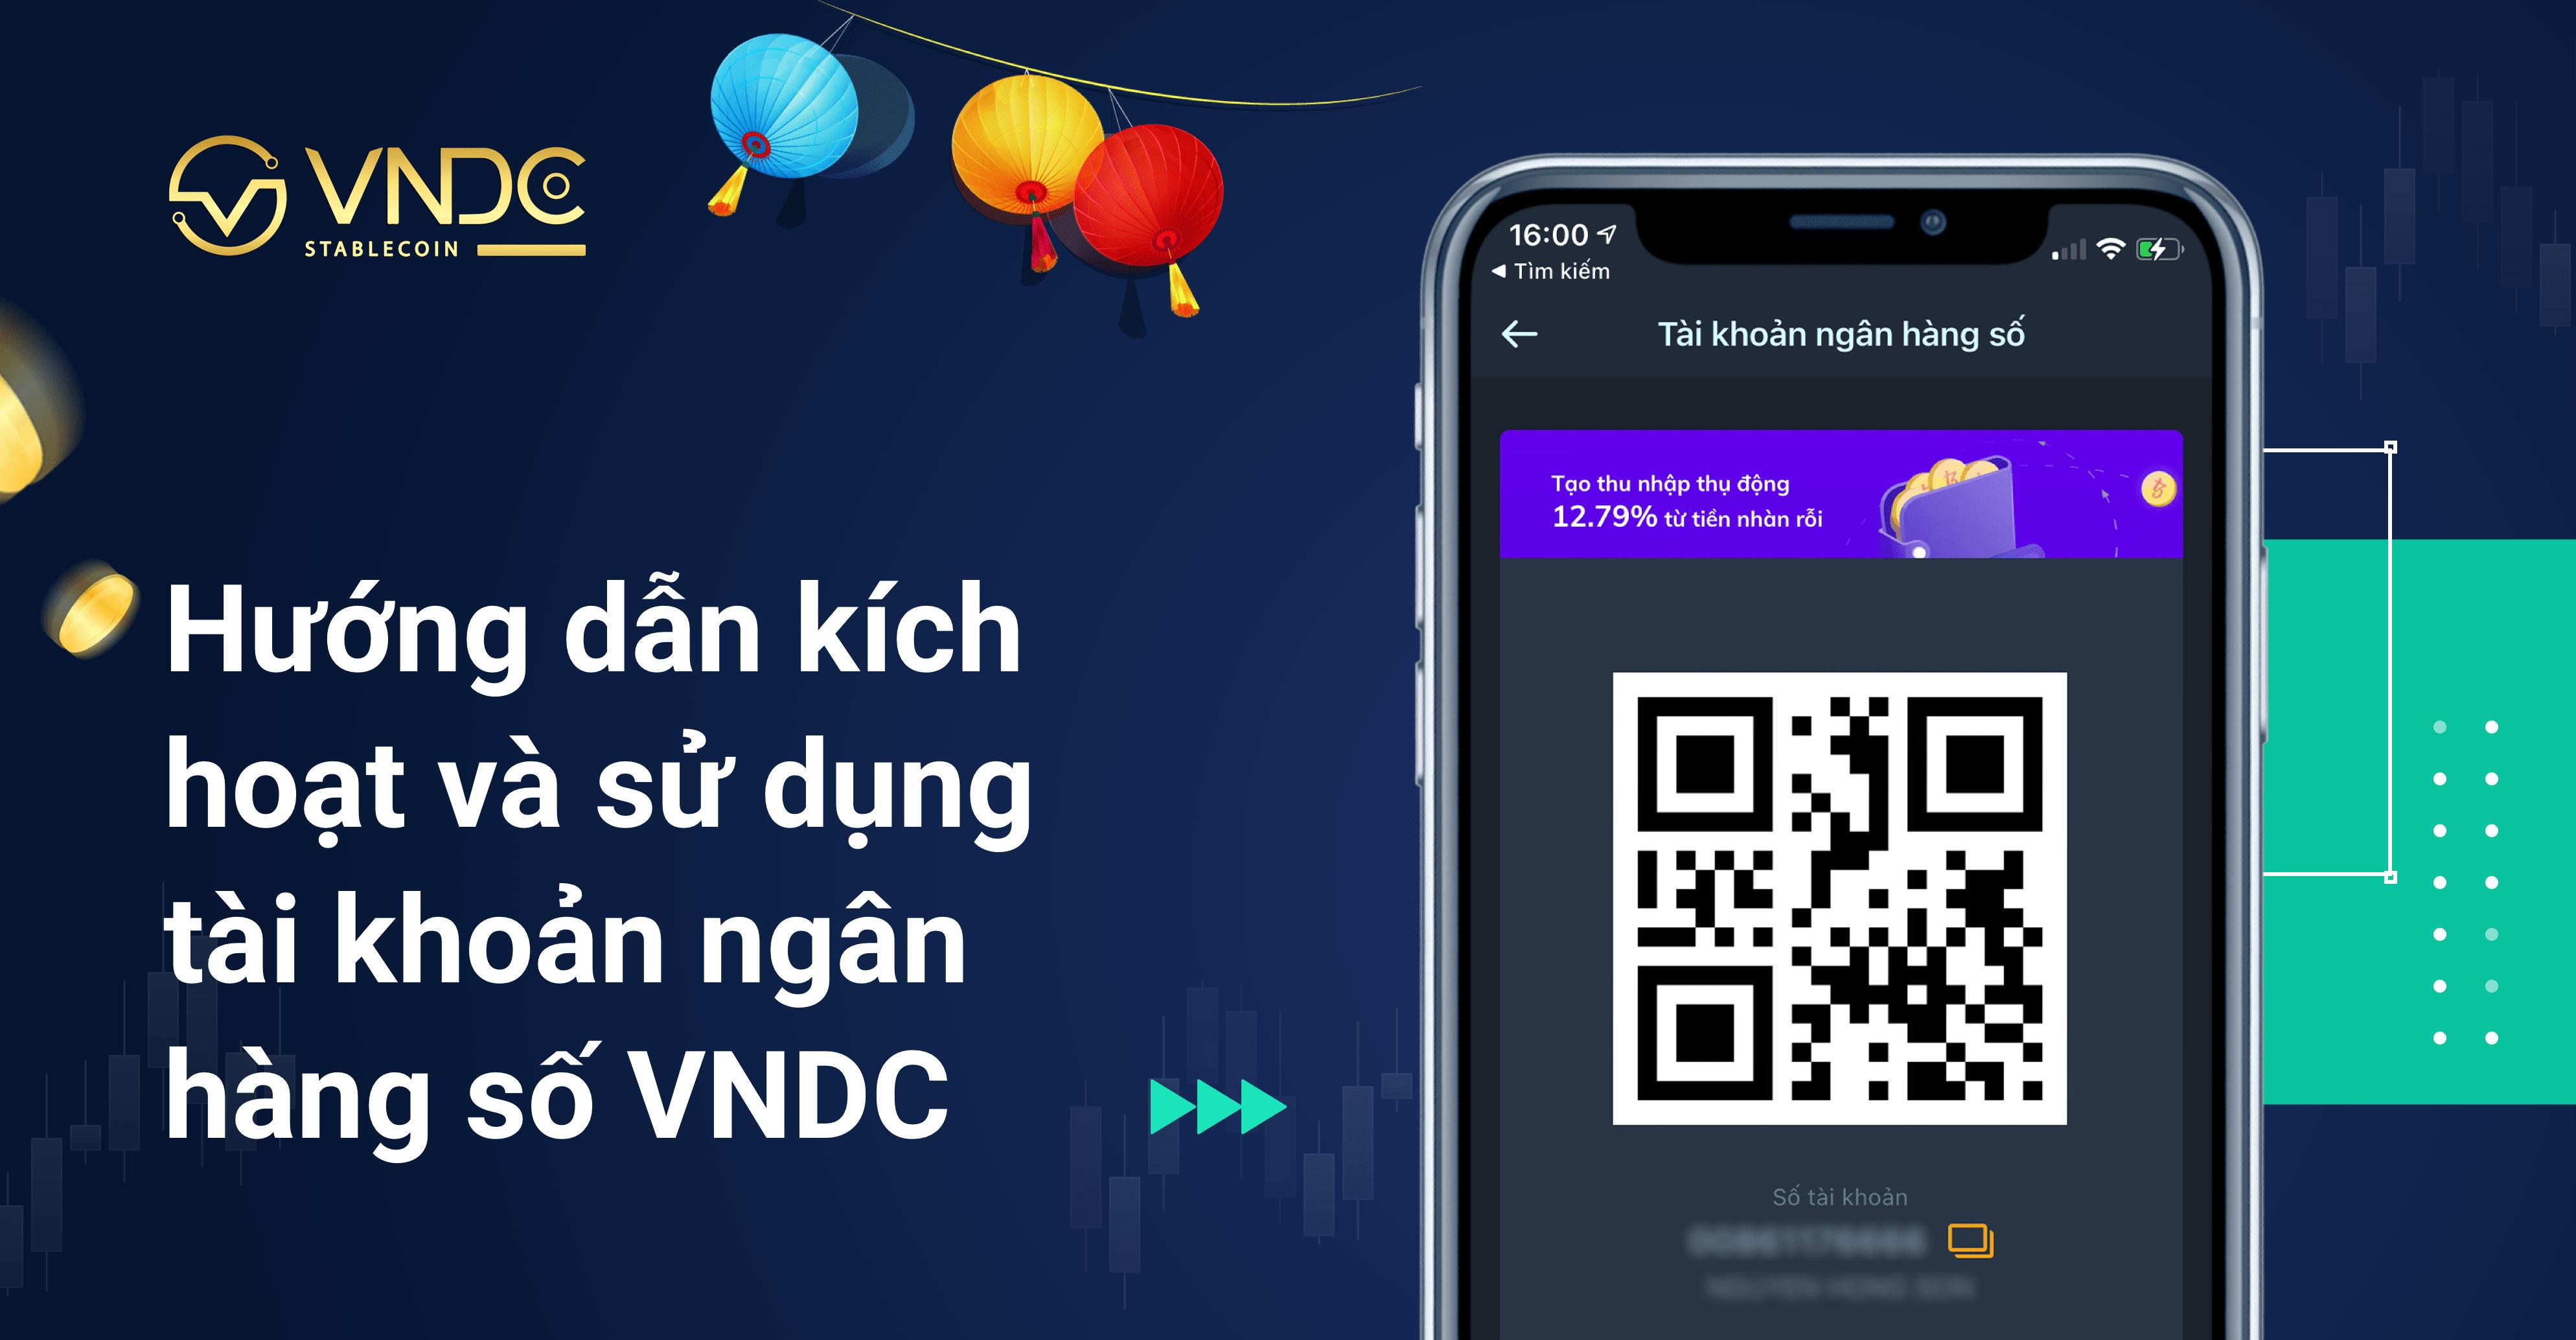 Hướng dẫn kích hoạt và sử dụng tài khoản ngân hàng số VNDC